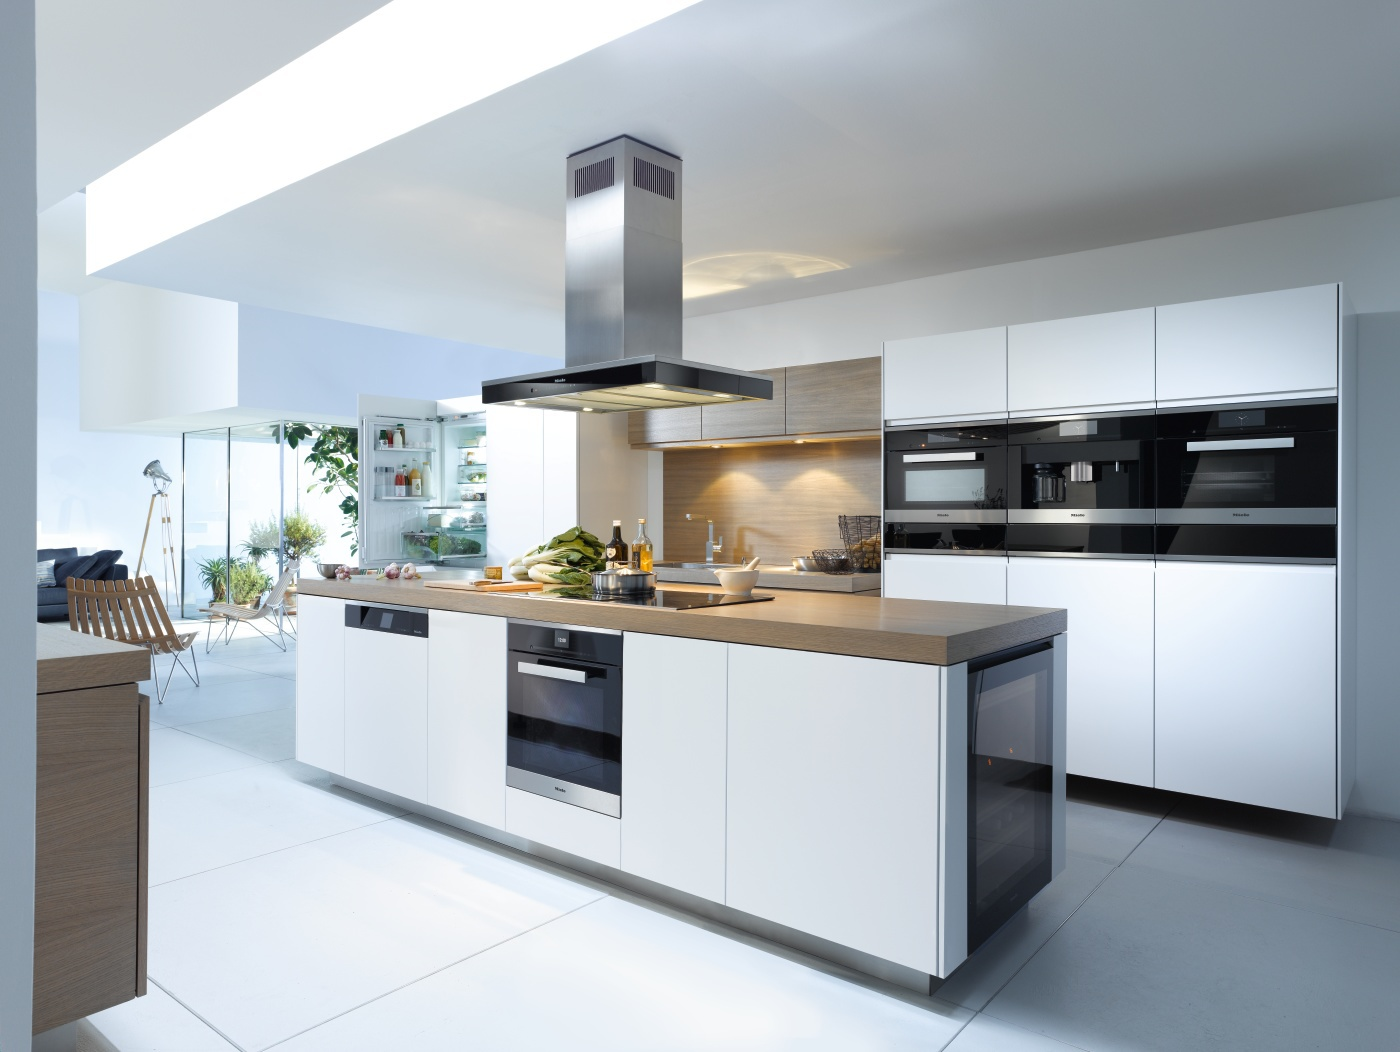 qualitativ hochwertig innovativ einfach perfekt die k chen von nolte auch bei ihrem. Black Bedroom Furniture Sets. Home Design Ideas